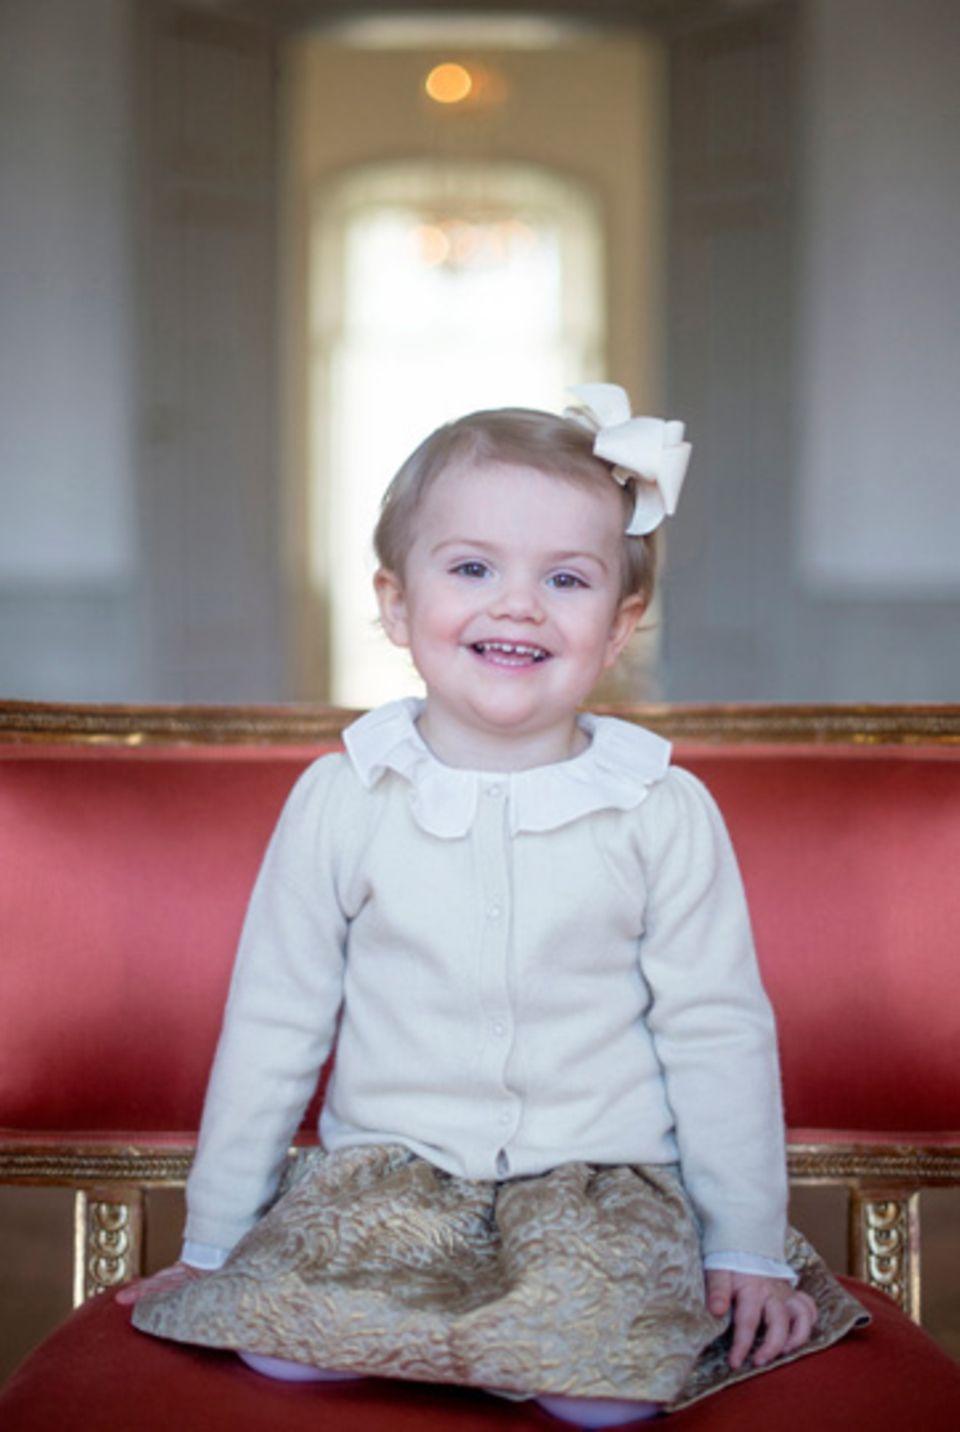 Estelle freut sich: Die kleine Prinzessin wird heute schon zwei Jahre alt.